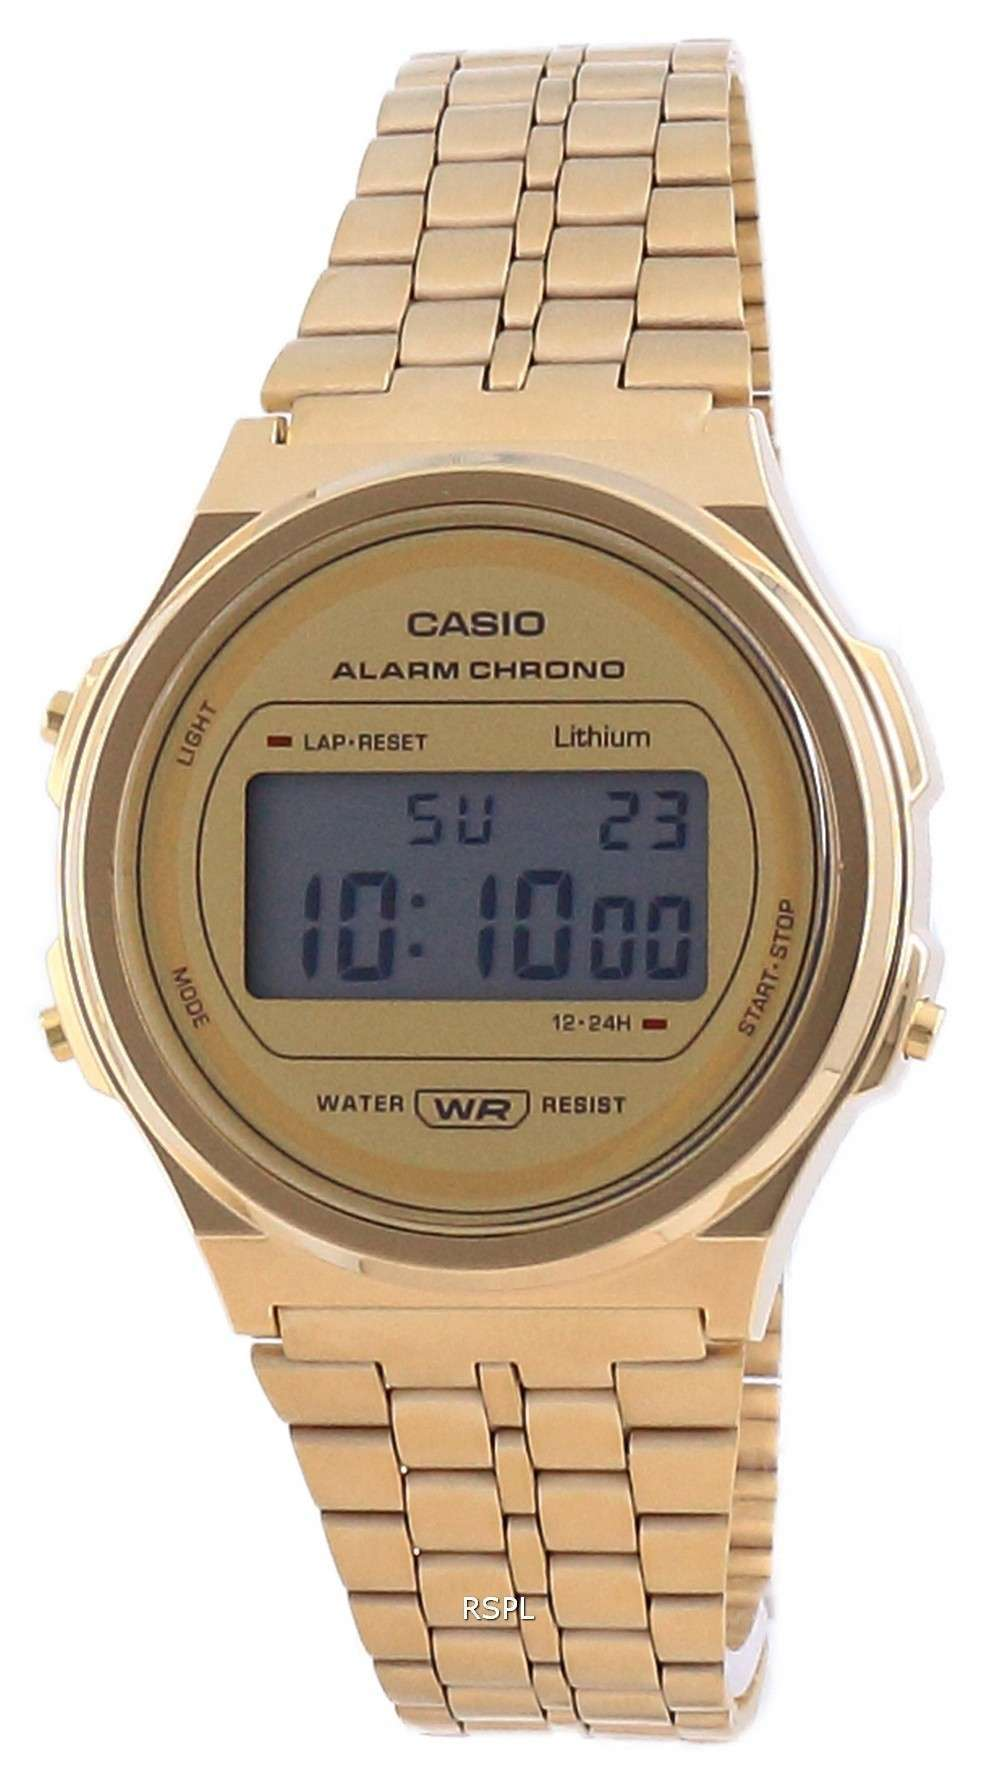 Reloj unisex Casio Youth Vintage en tono dorado de acero inoxidable digital A171WEG-9A